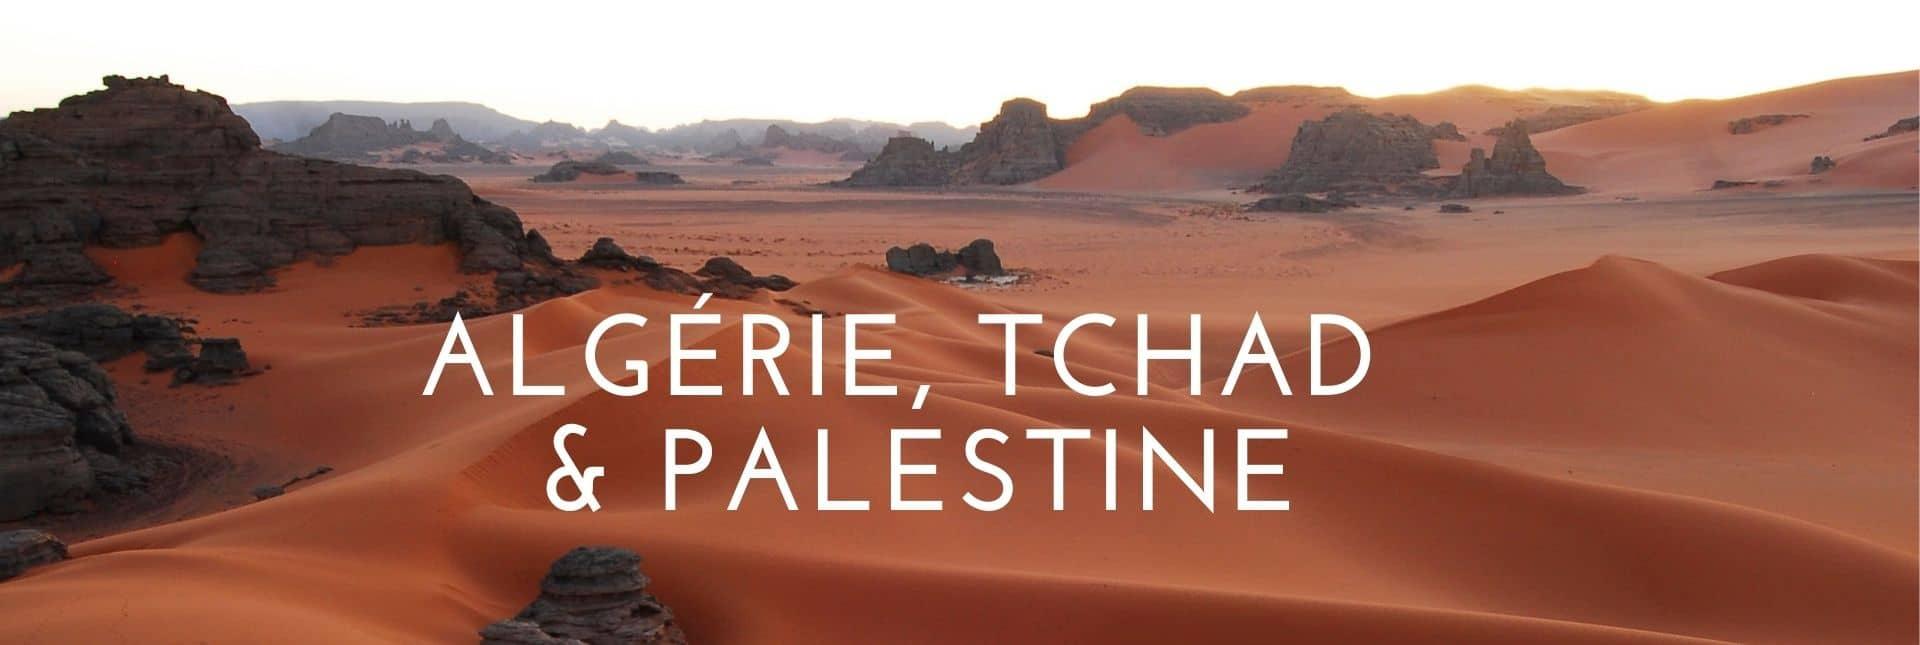 Header nouvelles destinations : Algerie, Tchad, palestine